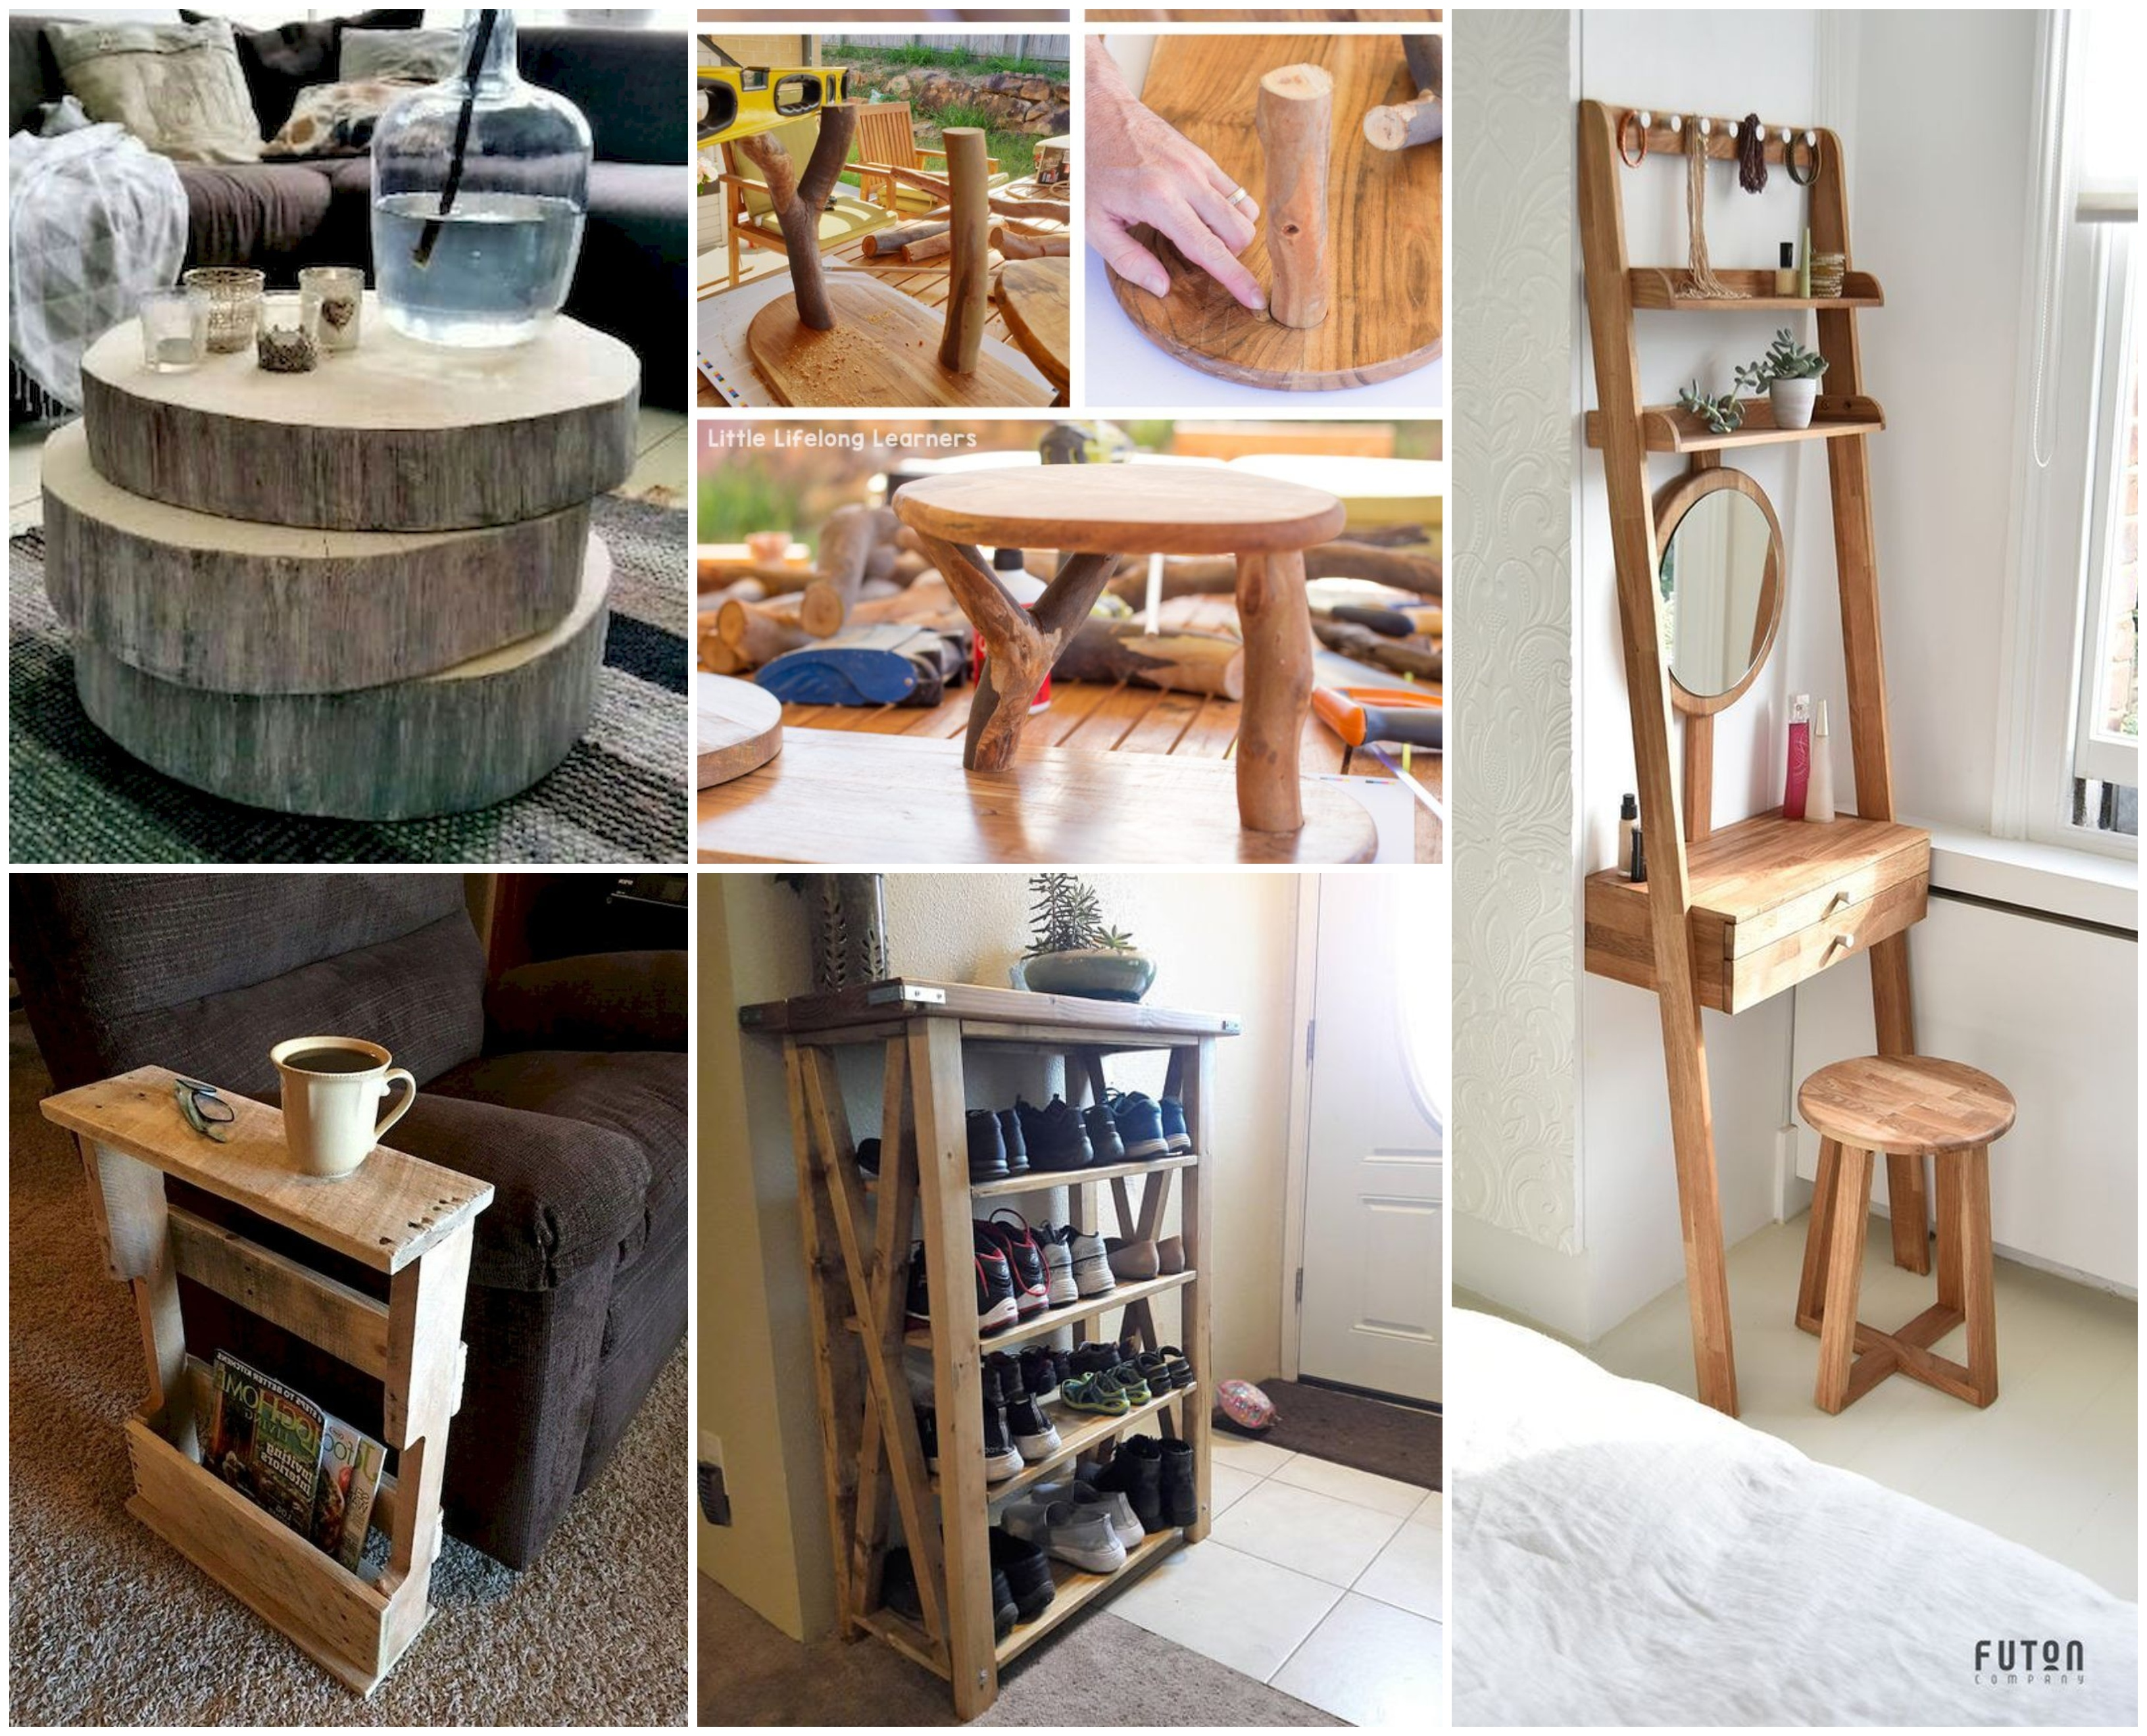 Möbel selber bauen - 10+ verschiedene kreative Ideen